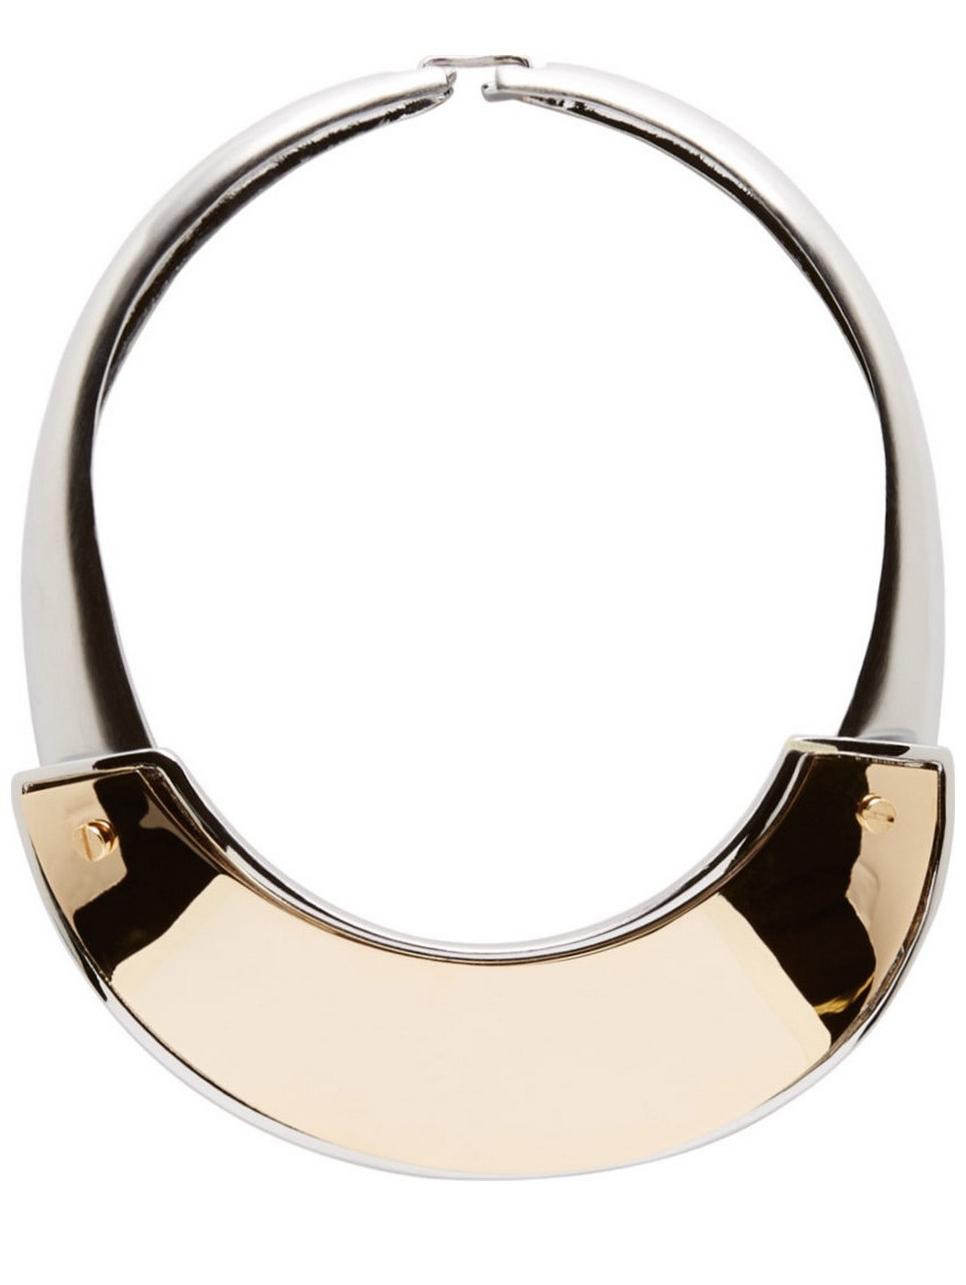 choker necklaces - Marni Jewelry